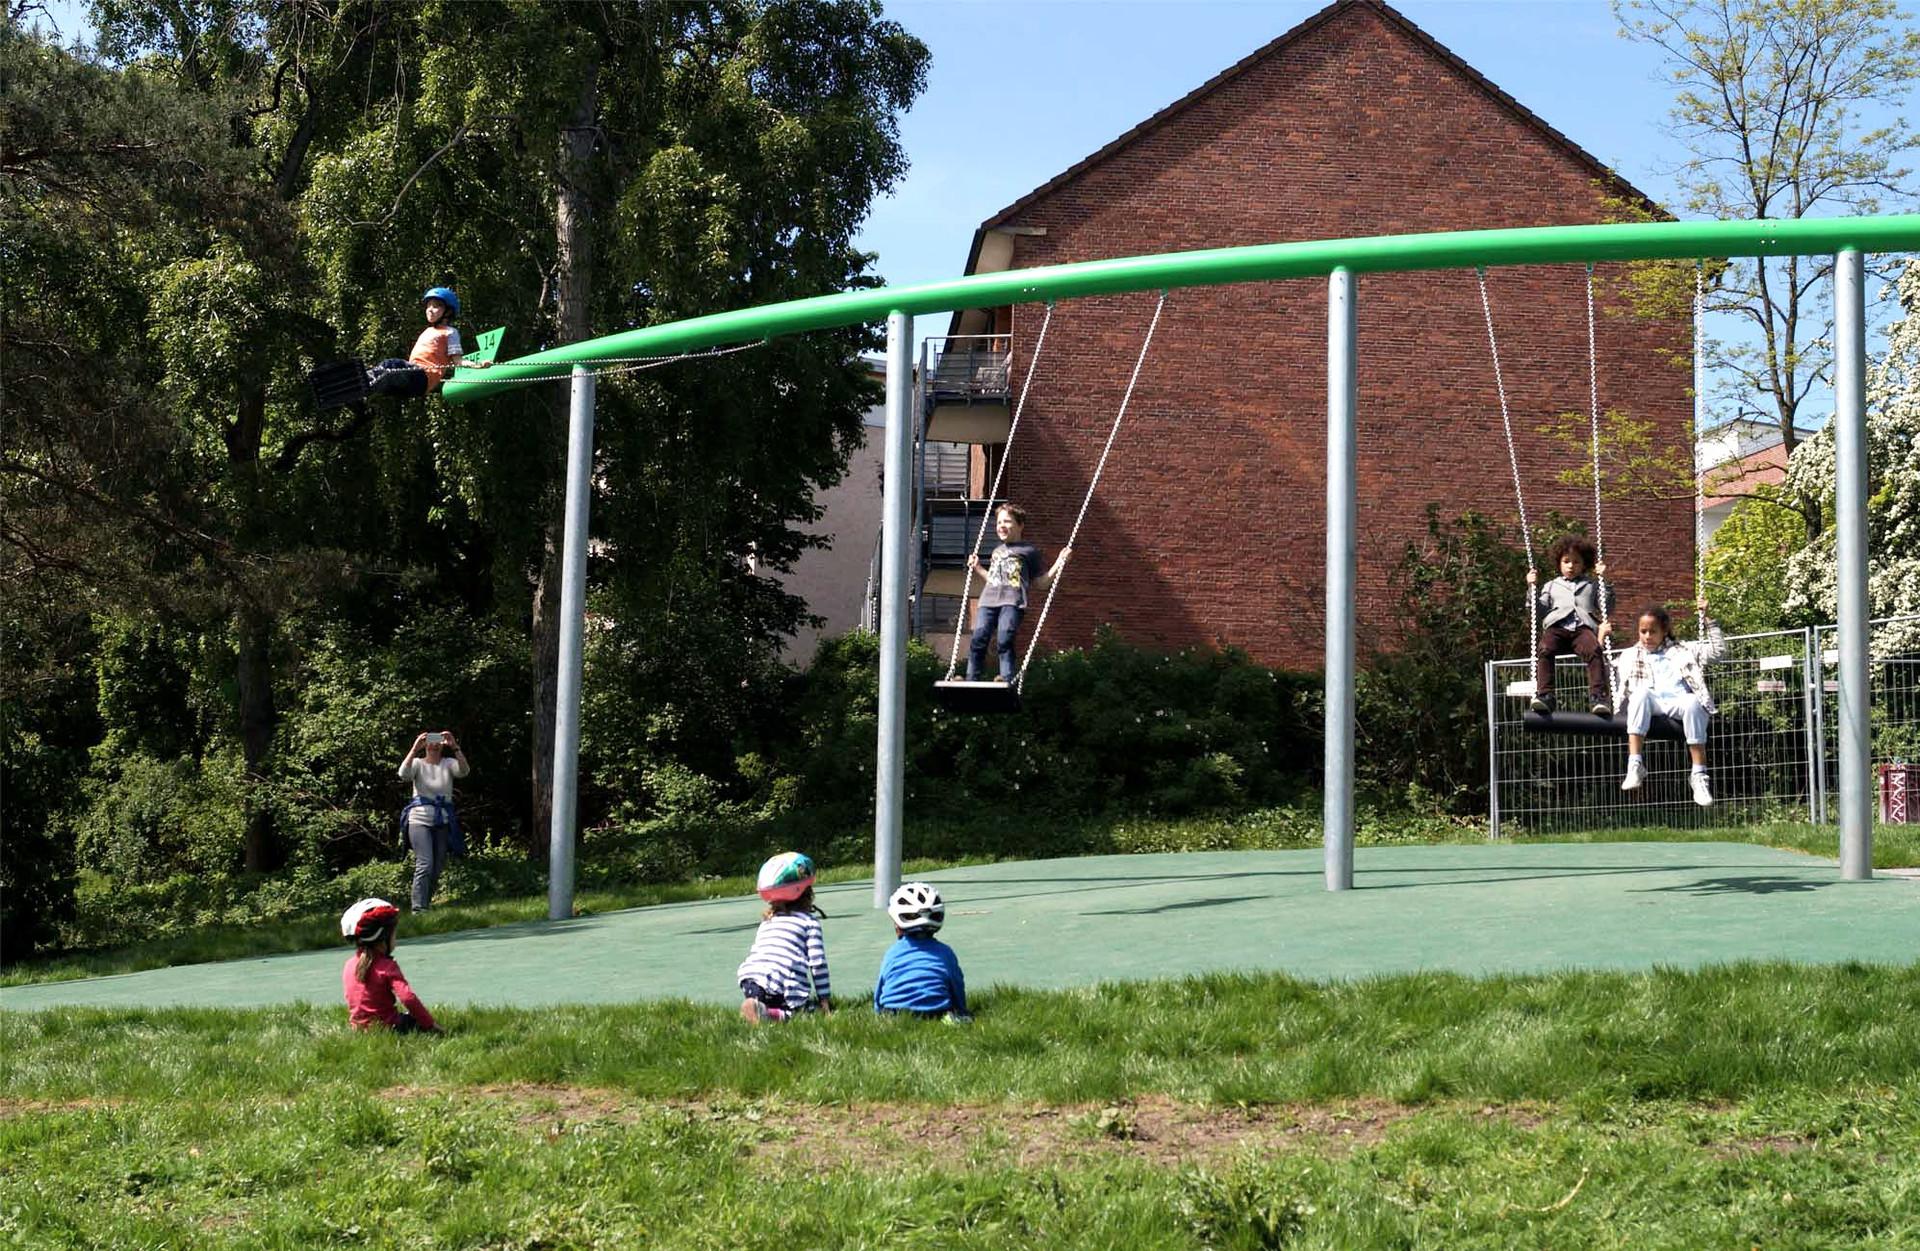 Gemeinschaftliches Swingen